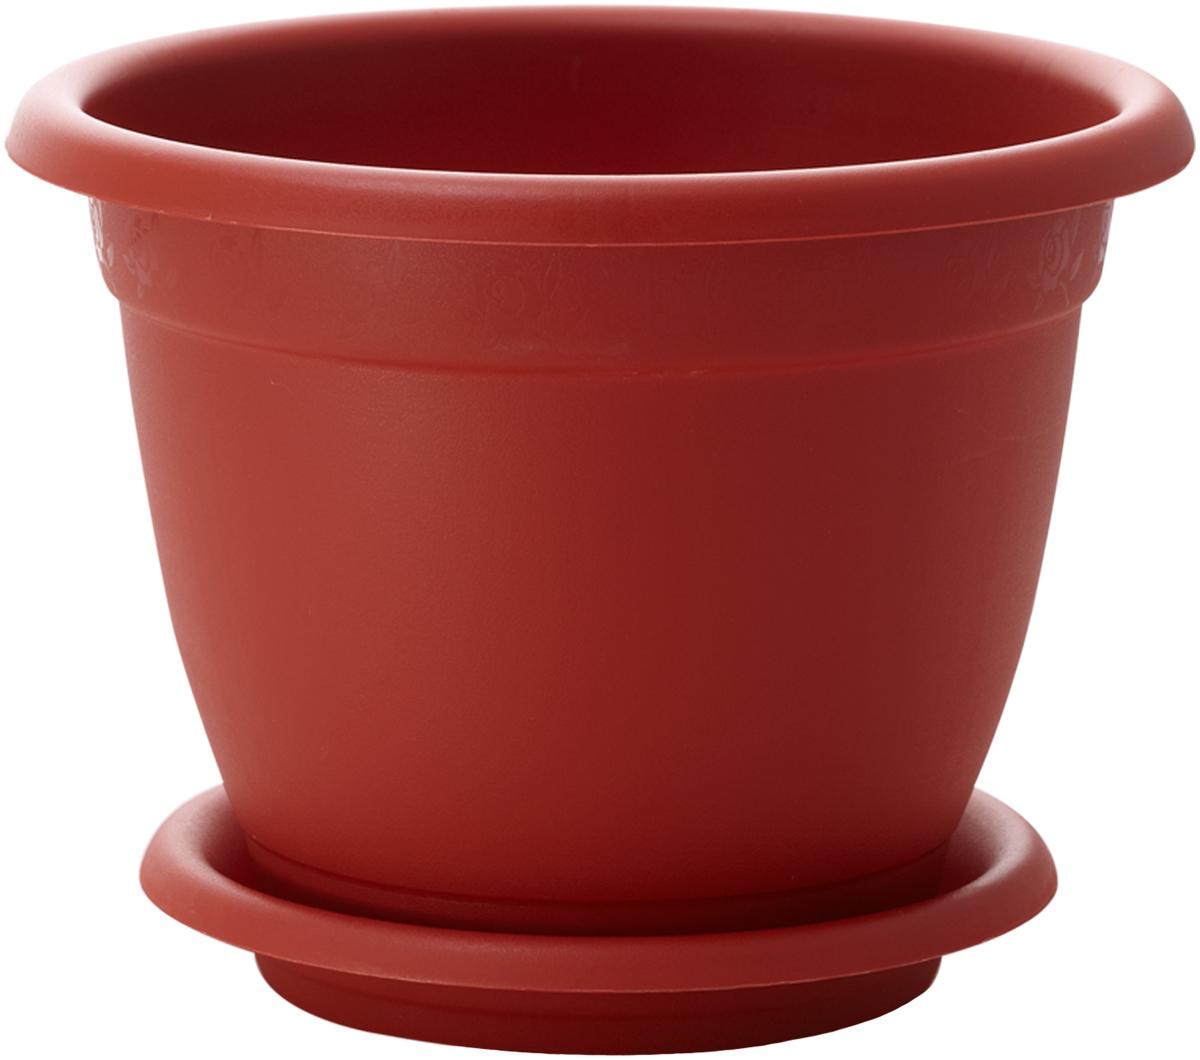 Горшок для цветов InGreen Борнео, с поддоном, цвет: терракотовый, диаметр 14 смING42014FТРЦветочный горшок InGreen Борнео выполнен из полипропилена и предназначен для выращивания в нем цветов, растений и трав. Такой горшок порадует вас современным дизайном и функциональностью, а также оригинально украсит интерьер помещения. К горшку прилагается круглый поддон. Диаметр горшка (по верхнему краю): 14 см. Высота горшка: 11 см.